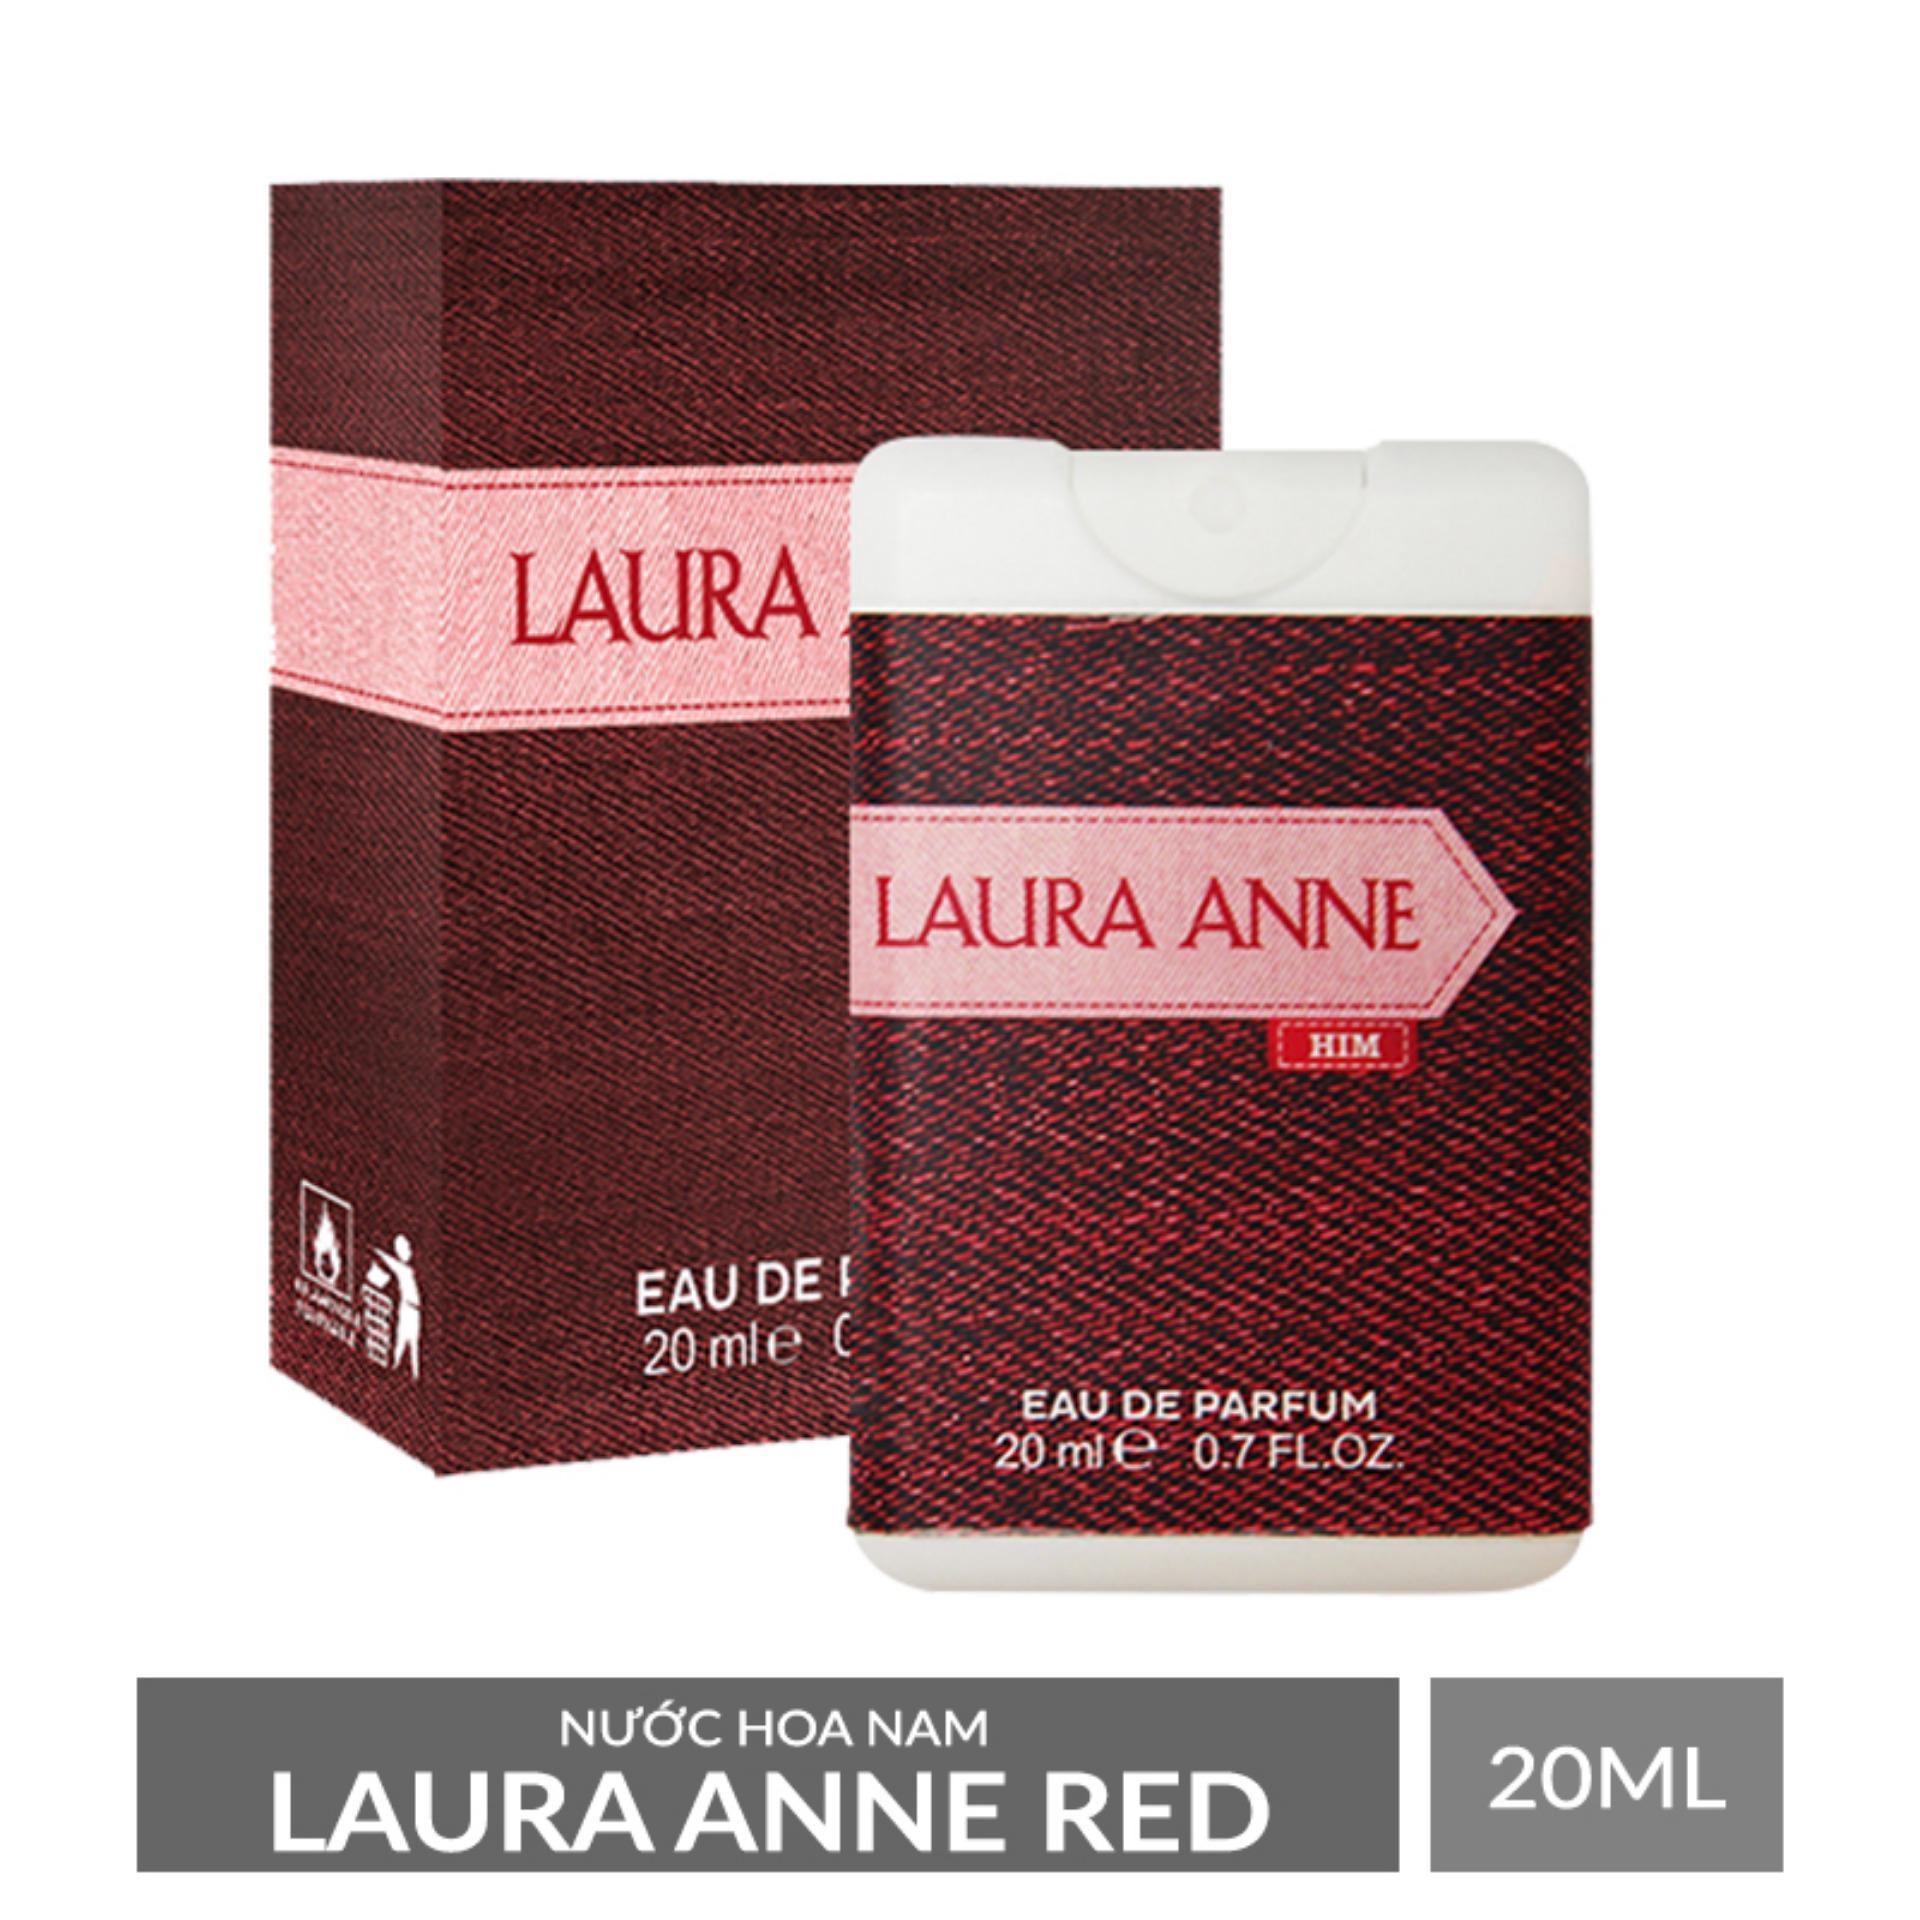 Nước hoa nam Laura Anne Red 20ml